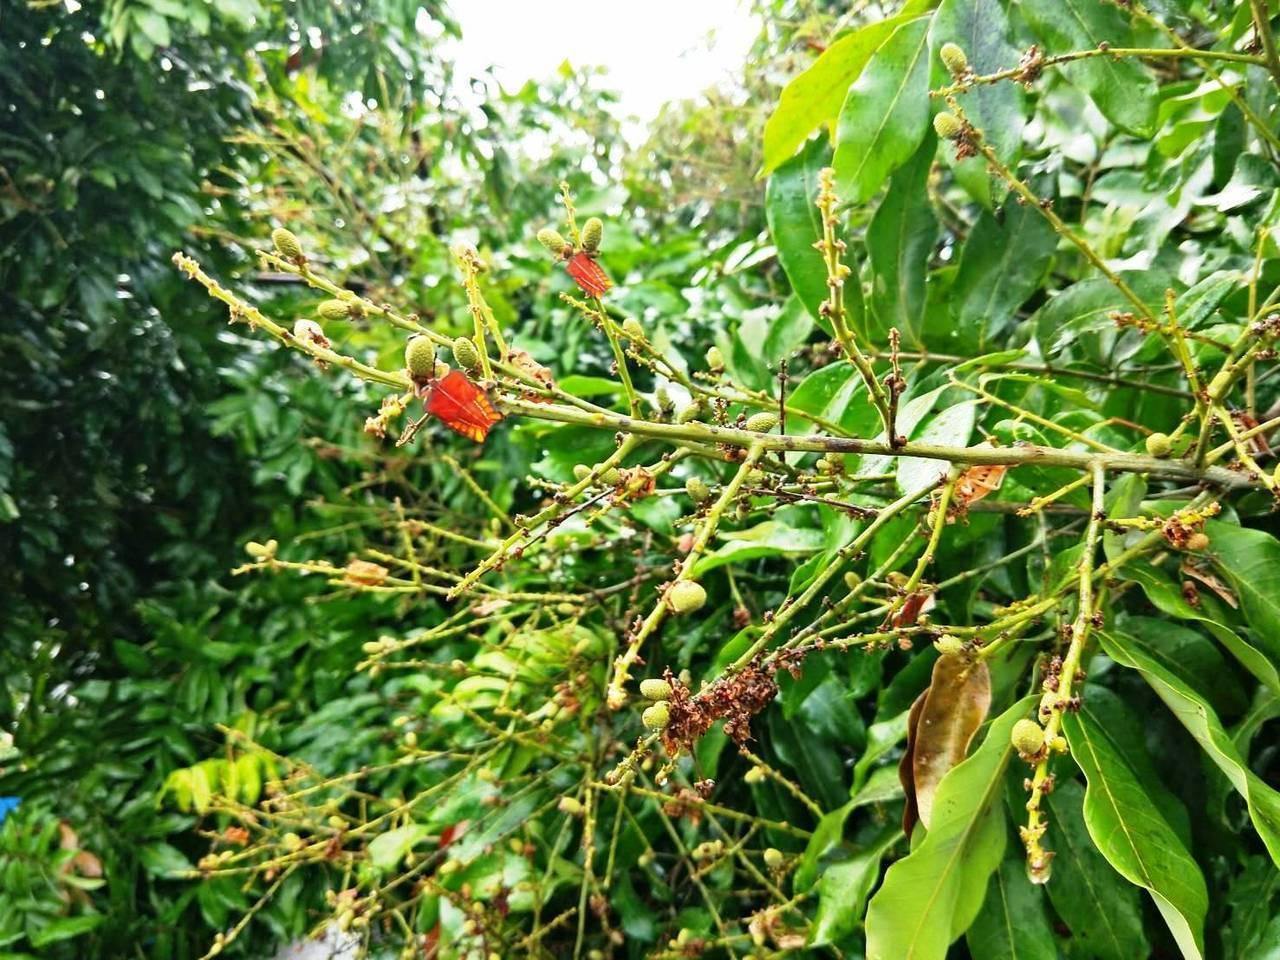 荔枝椿象大量繁殖,果樹上可見大量成蟲。圖/聯合報系資料照片